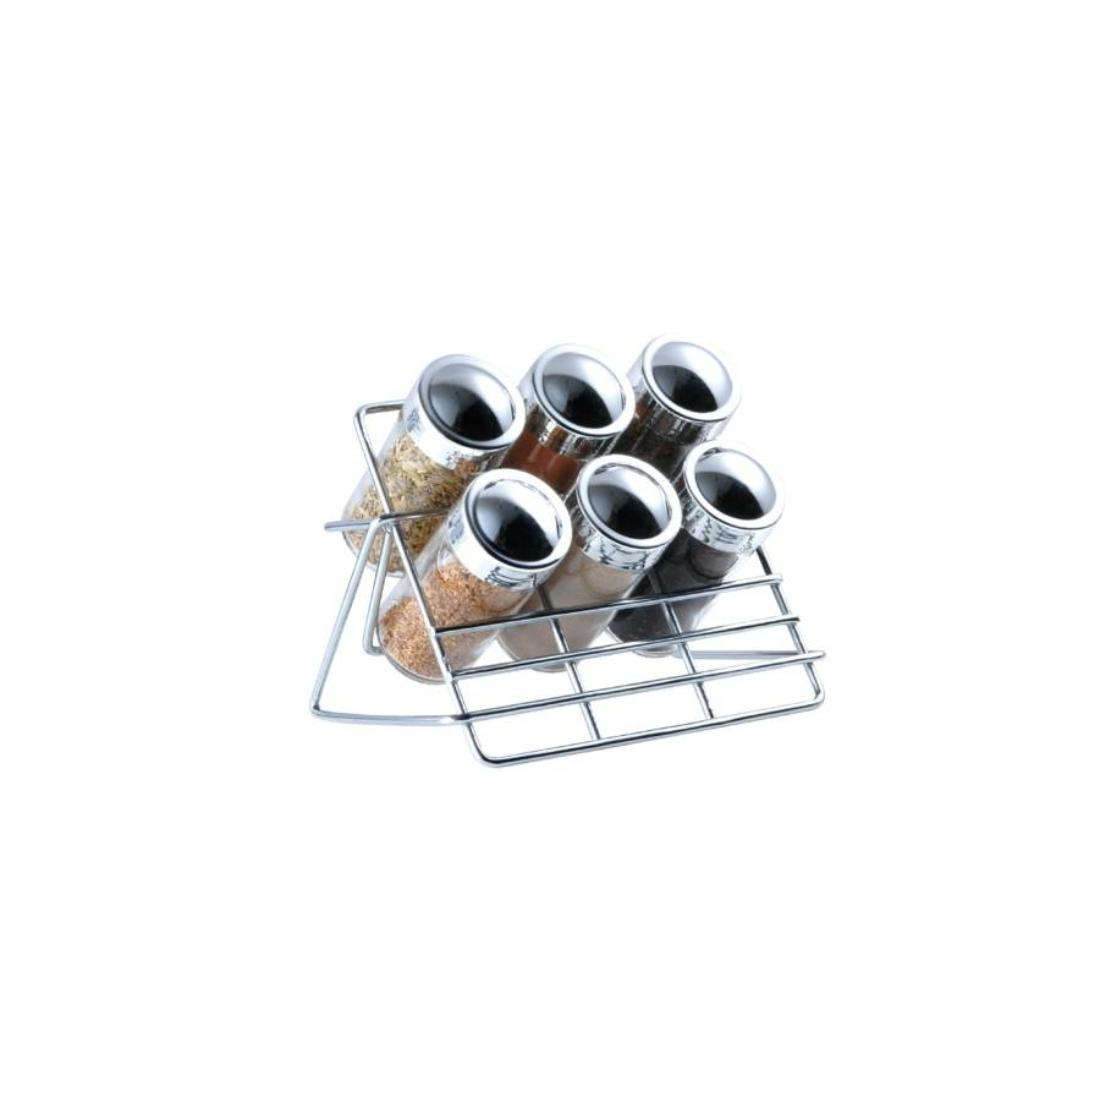 Blaumann 7 részes krómozott asztali fűszertartó állvánnyal